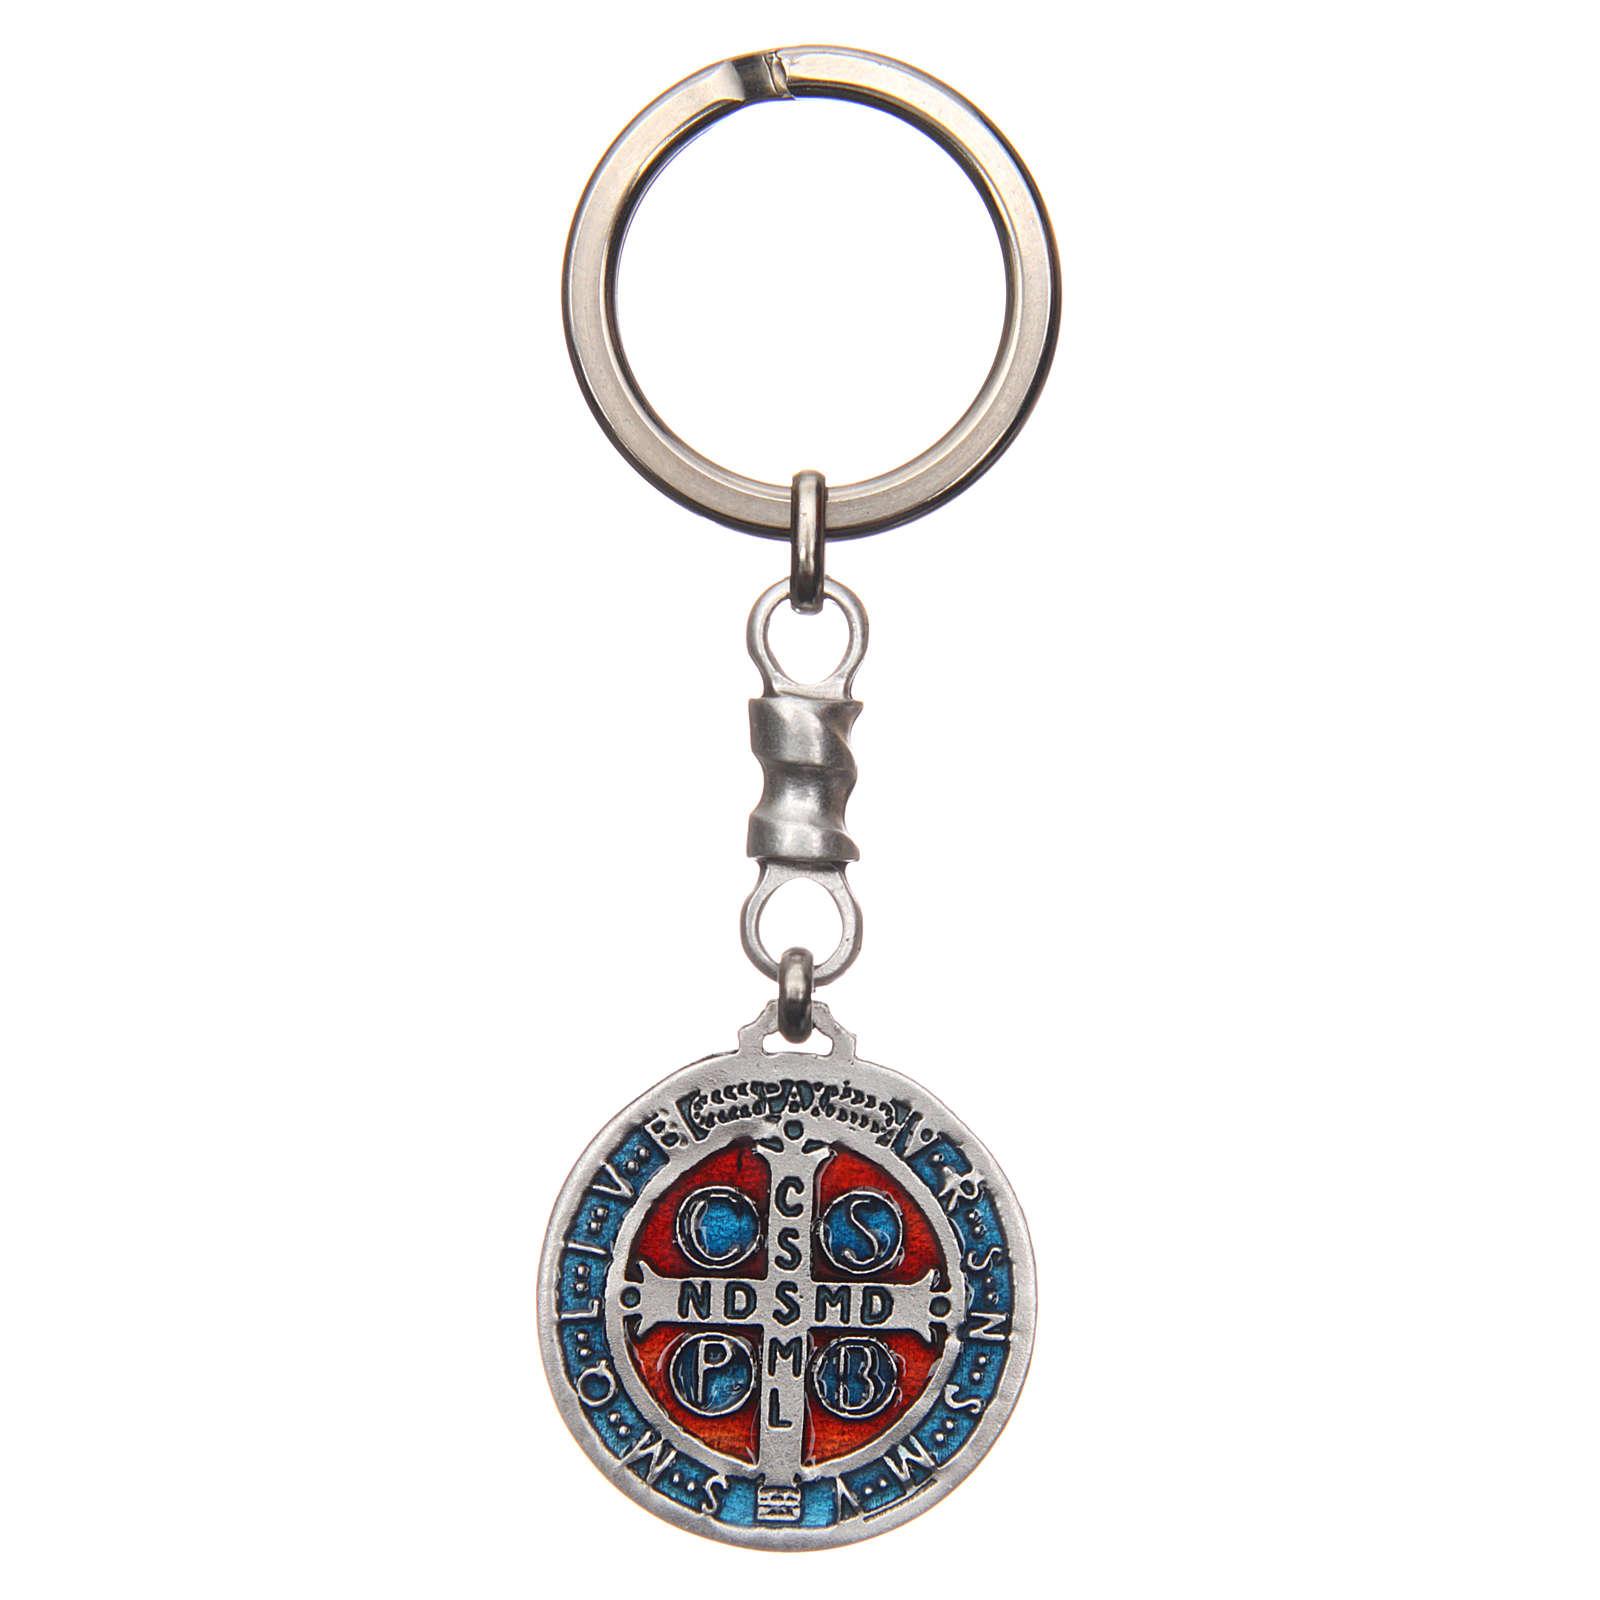 Schlüsselanhänger mit Benediktusmedaille aus Zamak, 2,9 cm 3